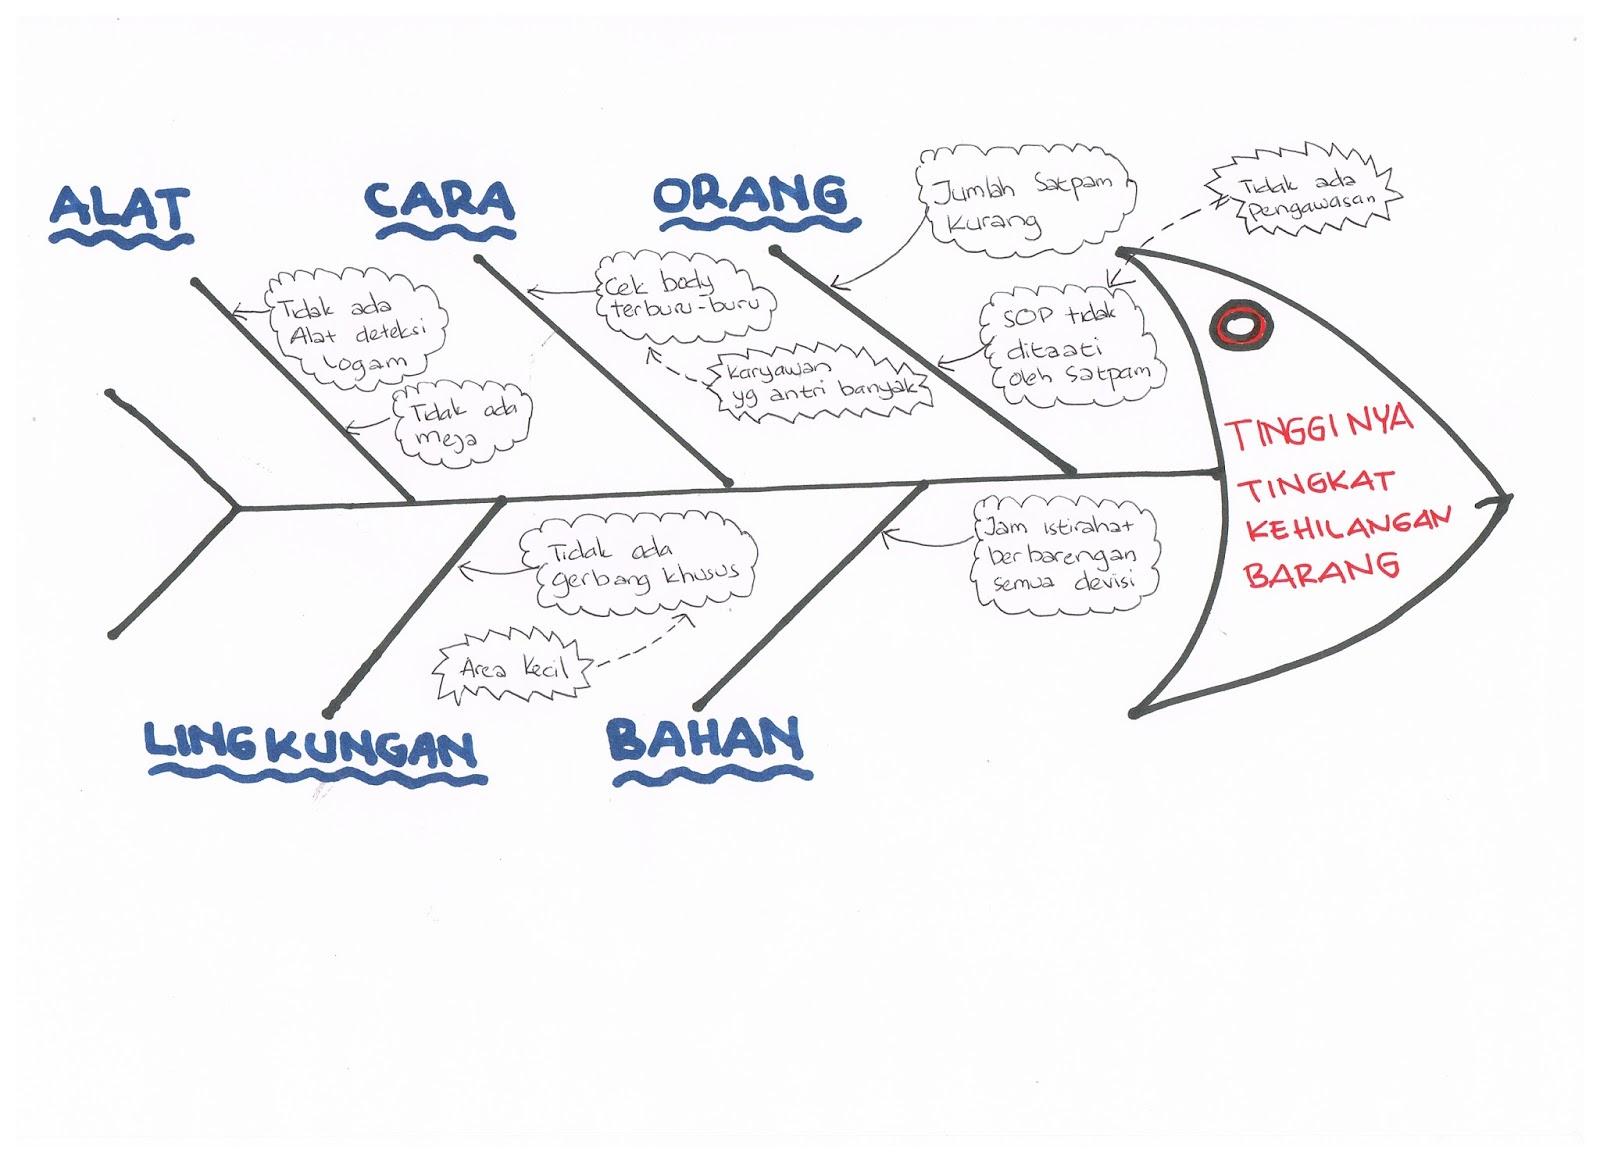 Pendidikan dan pembinaan satpam indonesia penerapan fishbone 5 validasi penyebab tidak semua penyebab memiliki dampak yang penting terhadap masalah utama banyak penyebab memiliki kontribusi yang penting ccuart Images